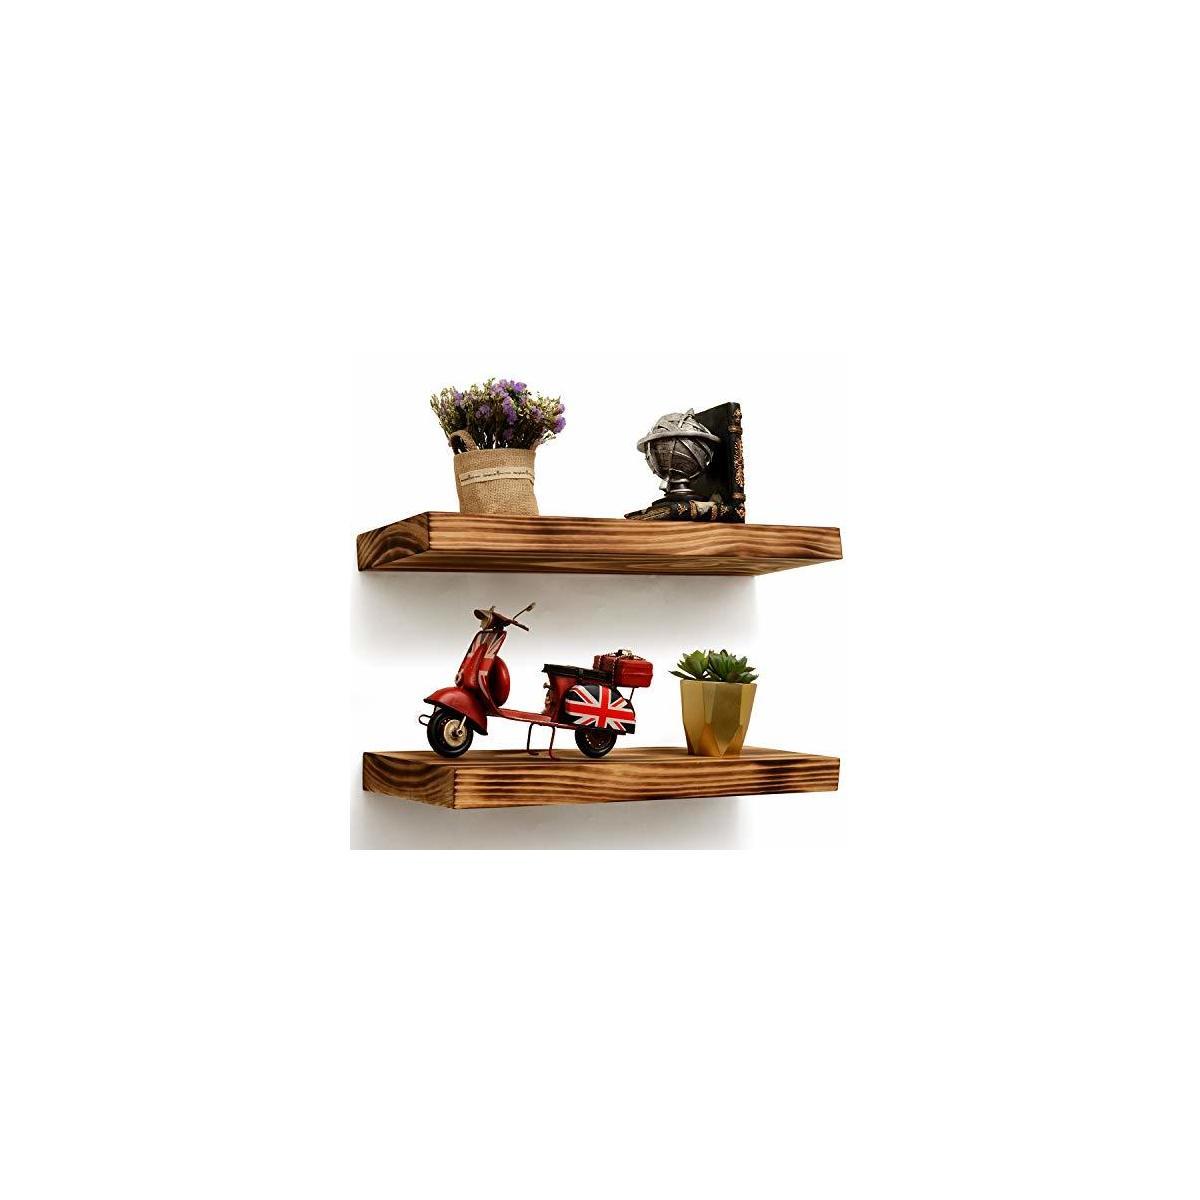 """Set of 2 Heavy Duty Rustic Floating Shelves, 24x6.7x1.7"""" Grade-A Pine Wood +Smart Hidden Mounts +Premium Anchors [BRIX]"""